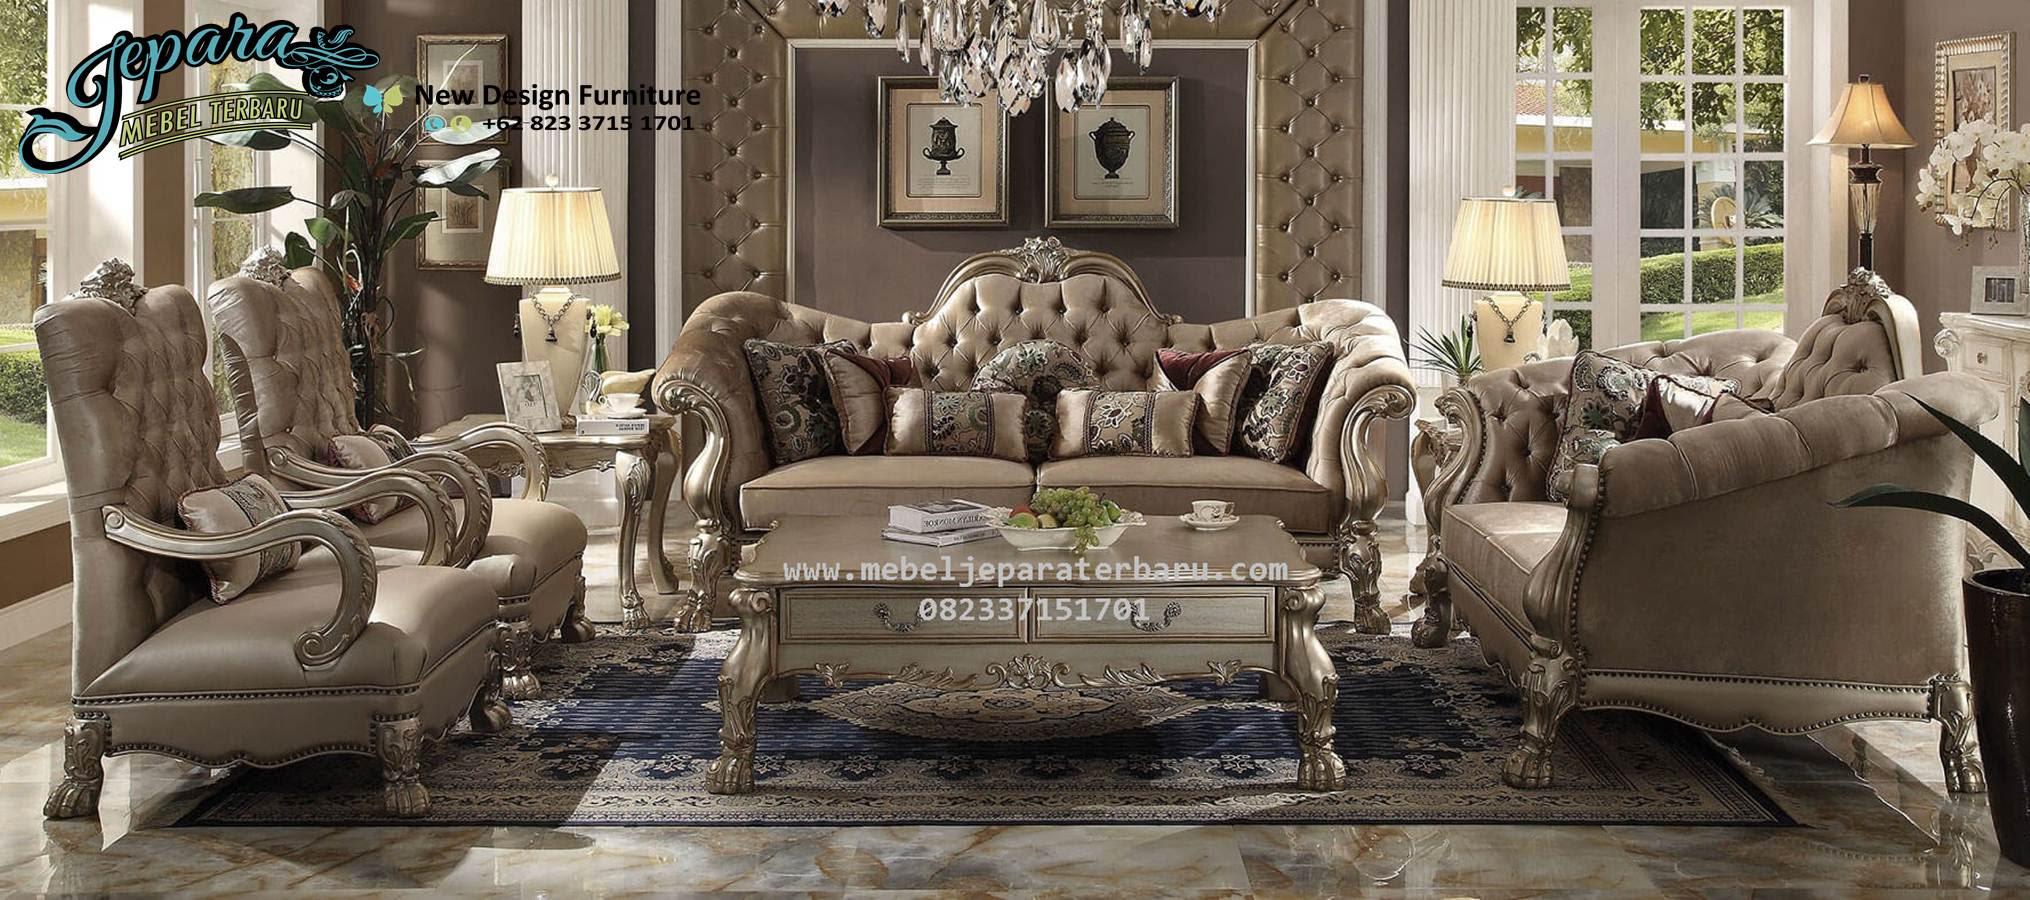 Sofa Kursi Tamu Mebel Jepara Terbaru Acme SST 078 Sofa Ruang